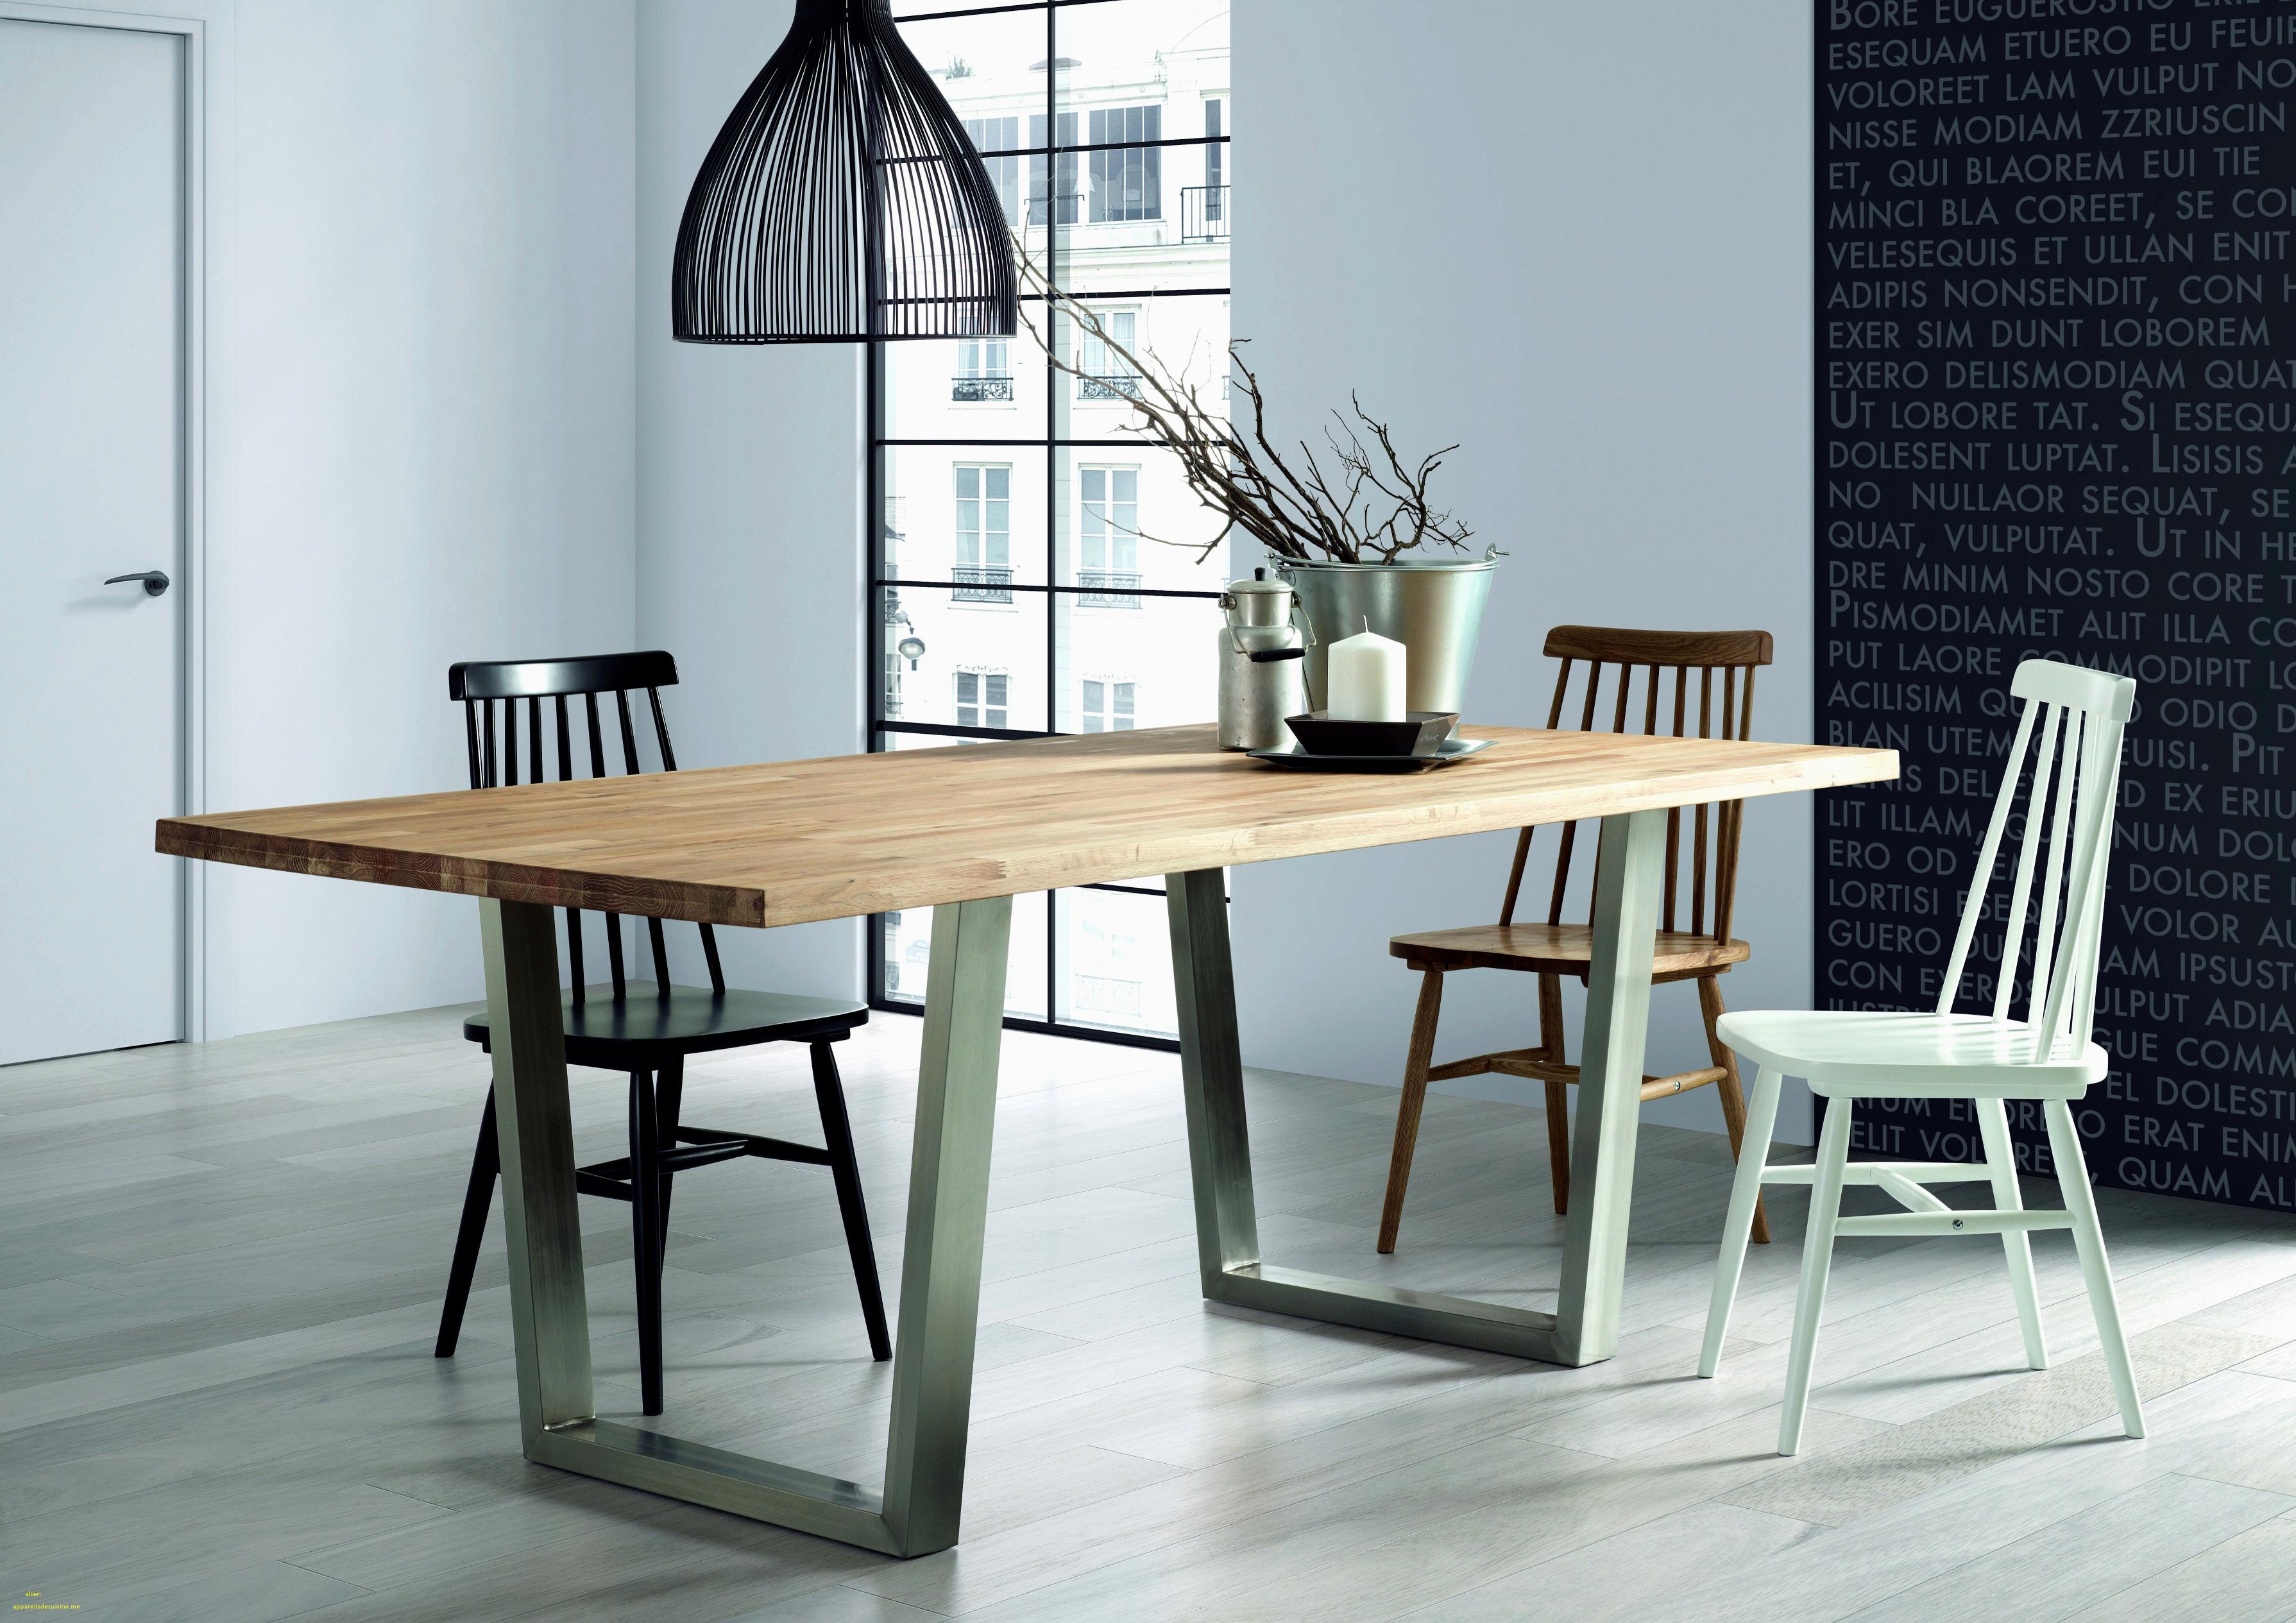 Amazon Table Pliante Nouveau Photos Baignoire Pliante Stokke Unique Banc Pliant Superbe Chaise De Jardin